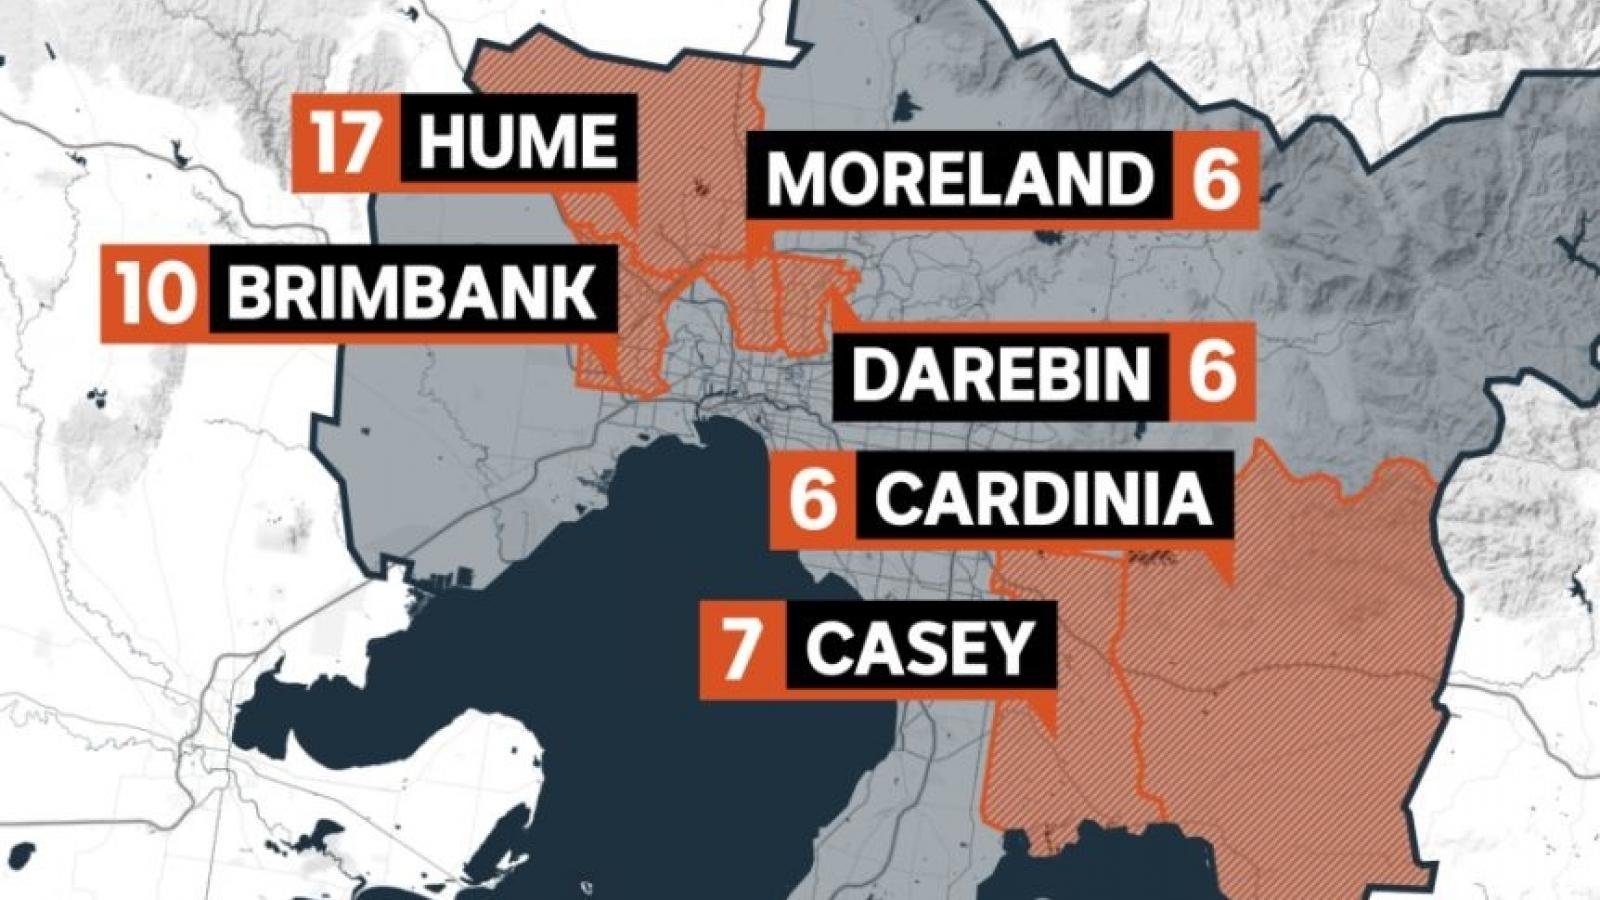 Victoria (Australia) siết chặt kiểm soát trước làn sóng Covid-19 thứ 2